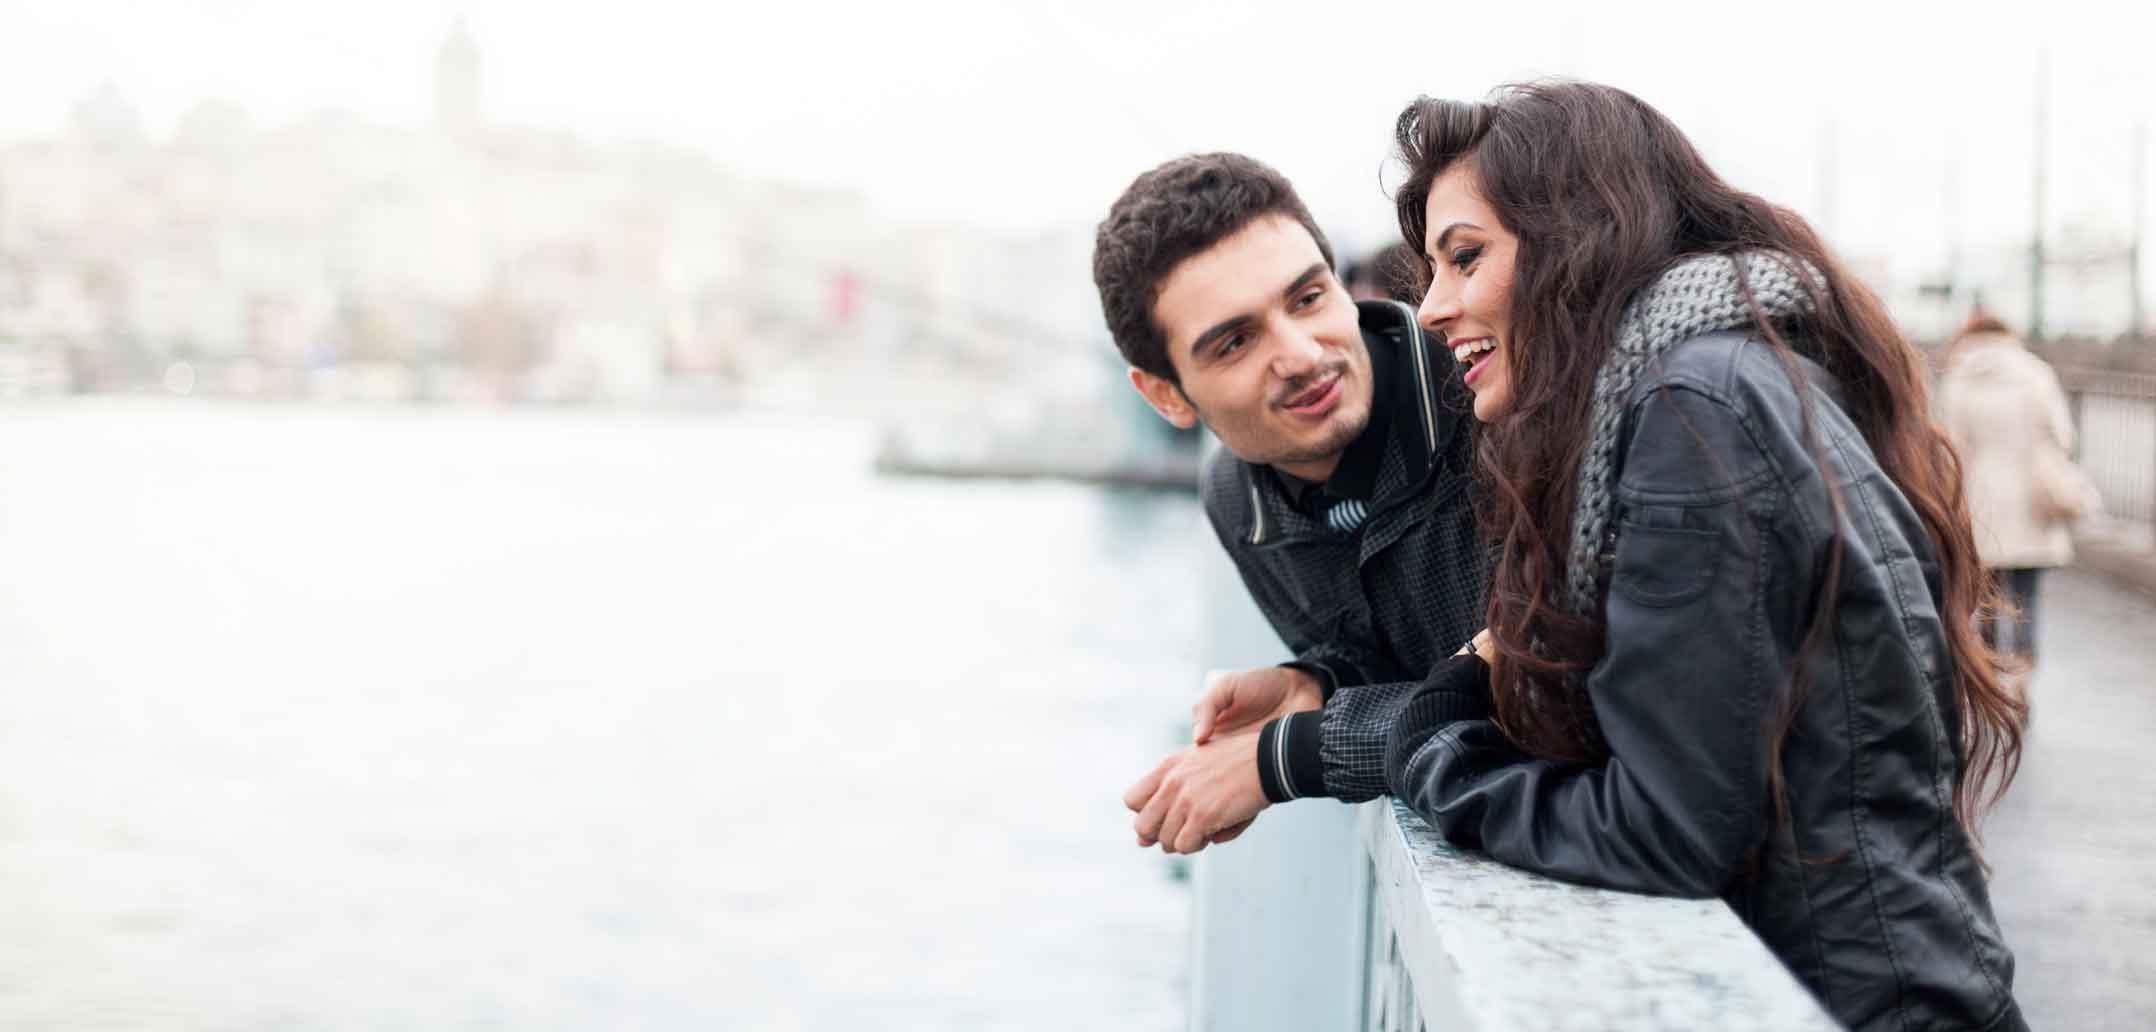 Glückliche Paare reden miteinander